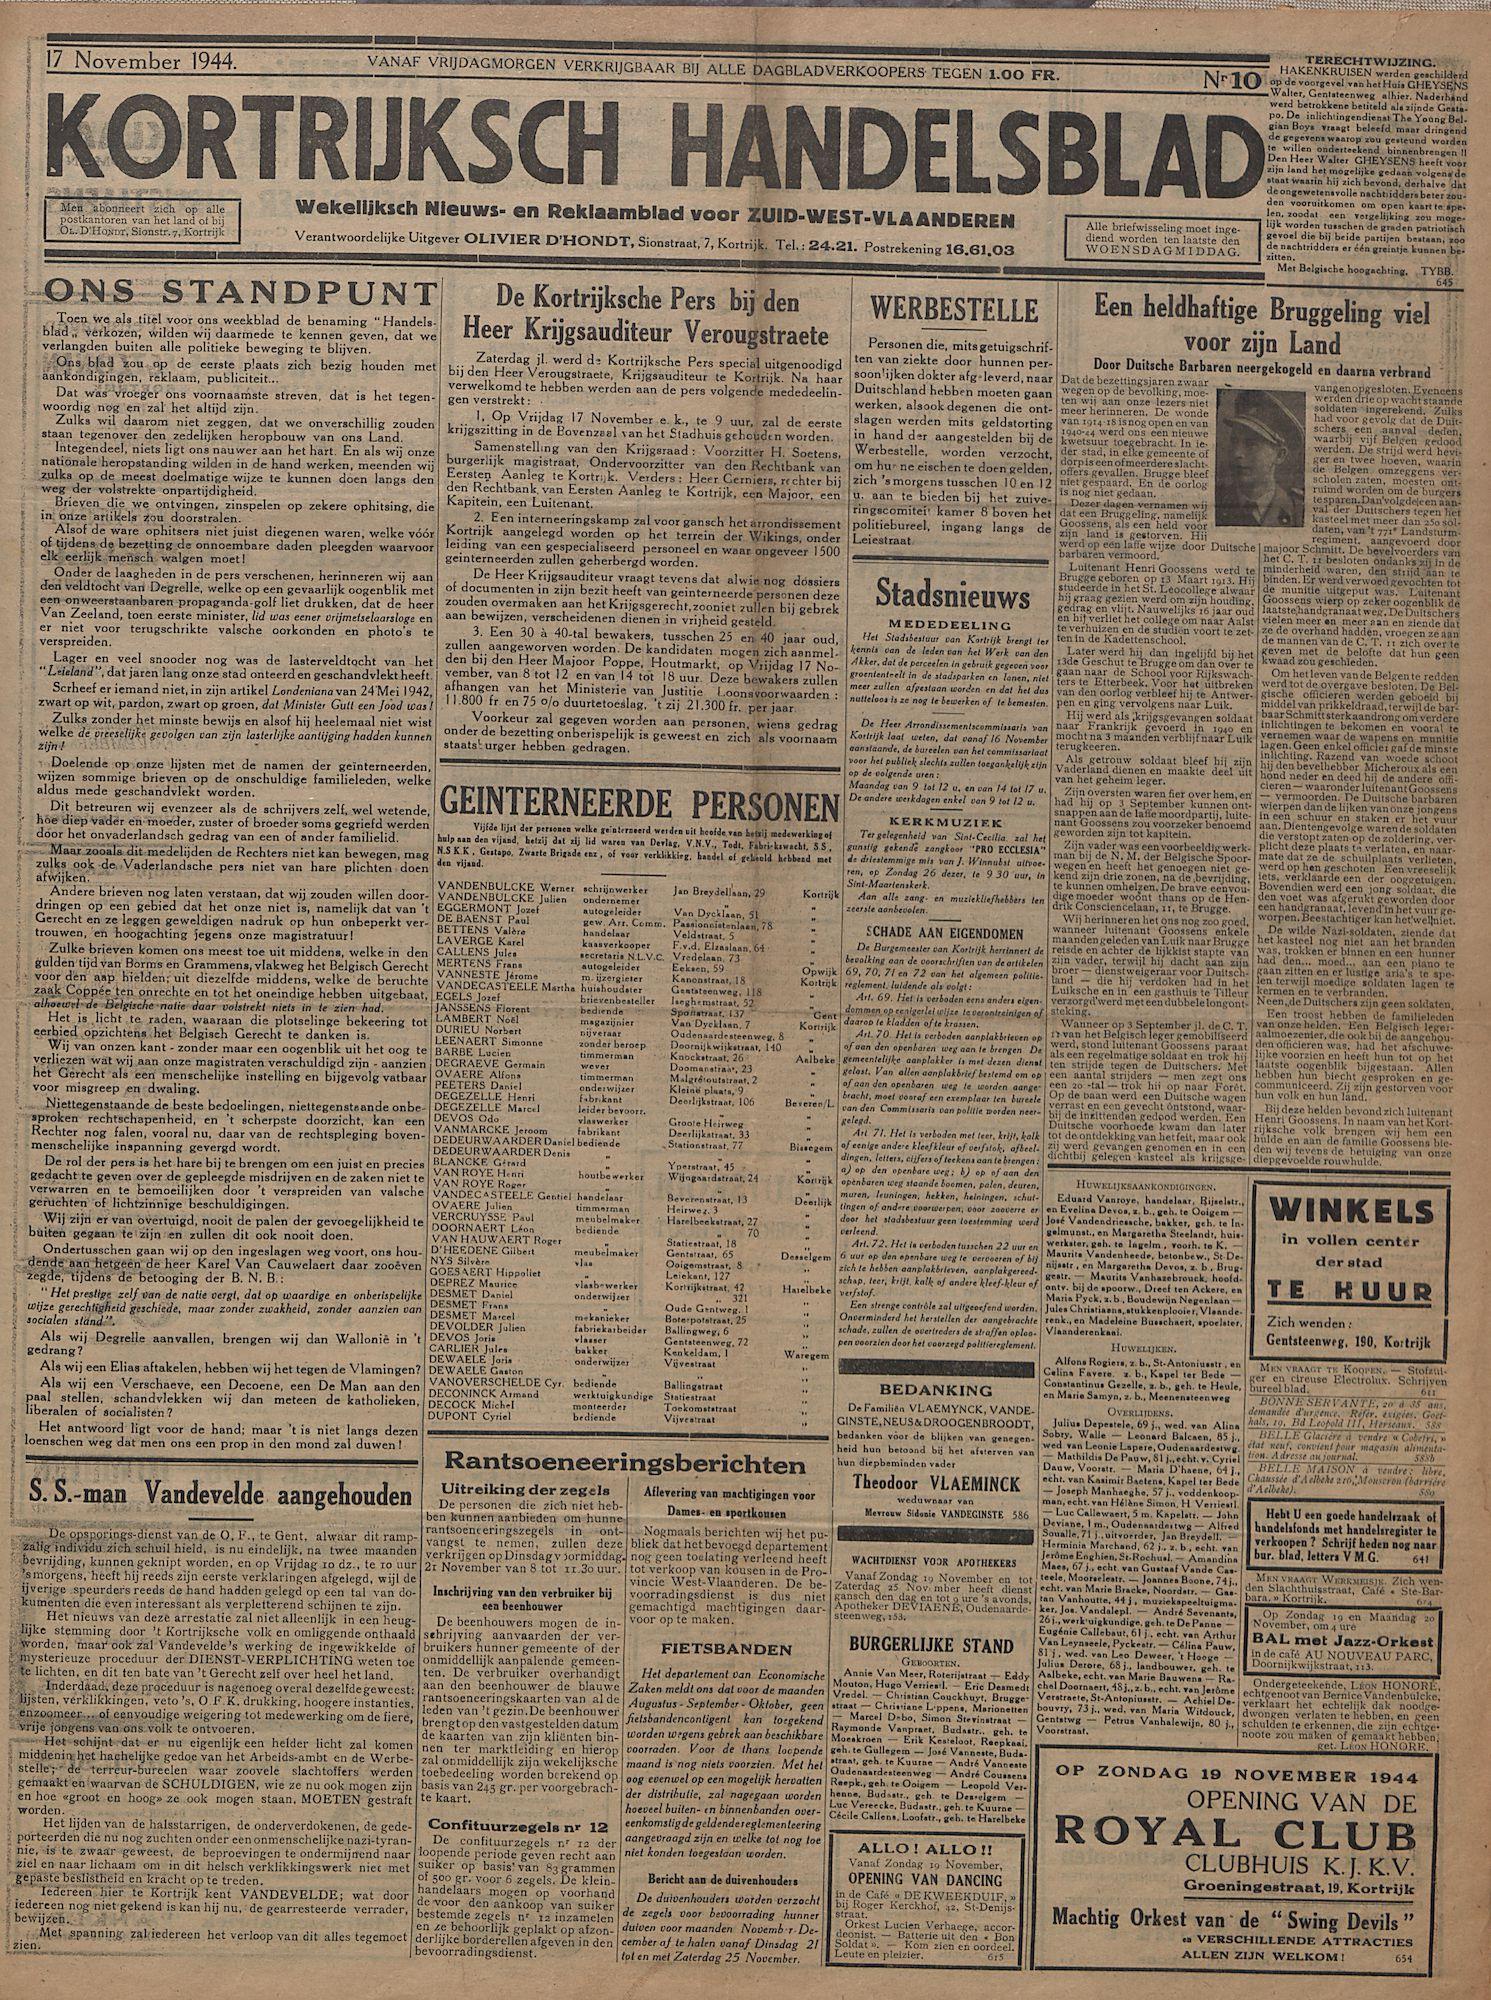 Kortrijksch Handelsblad 17 november 1944 Nr10 p1